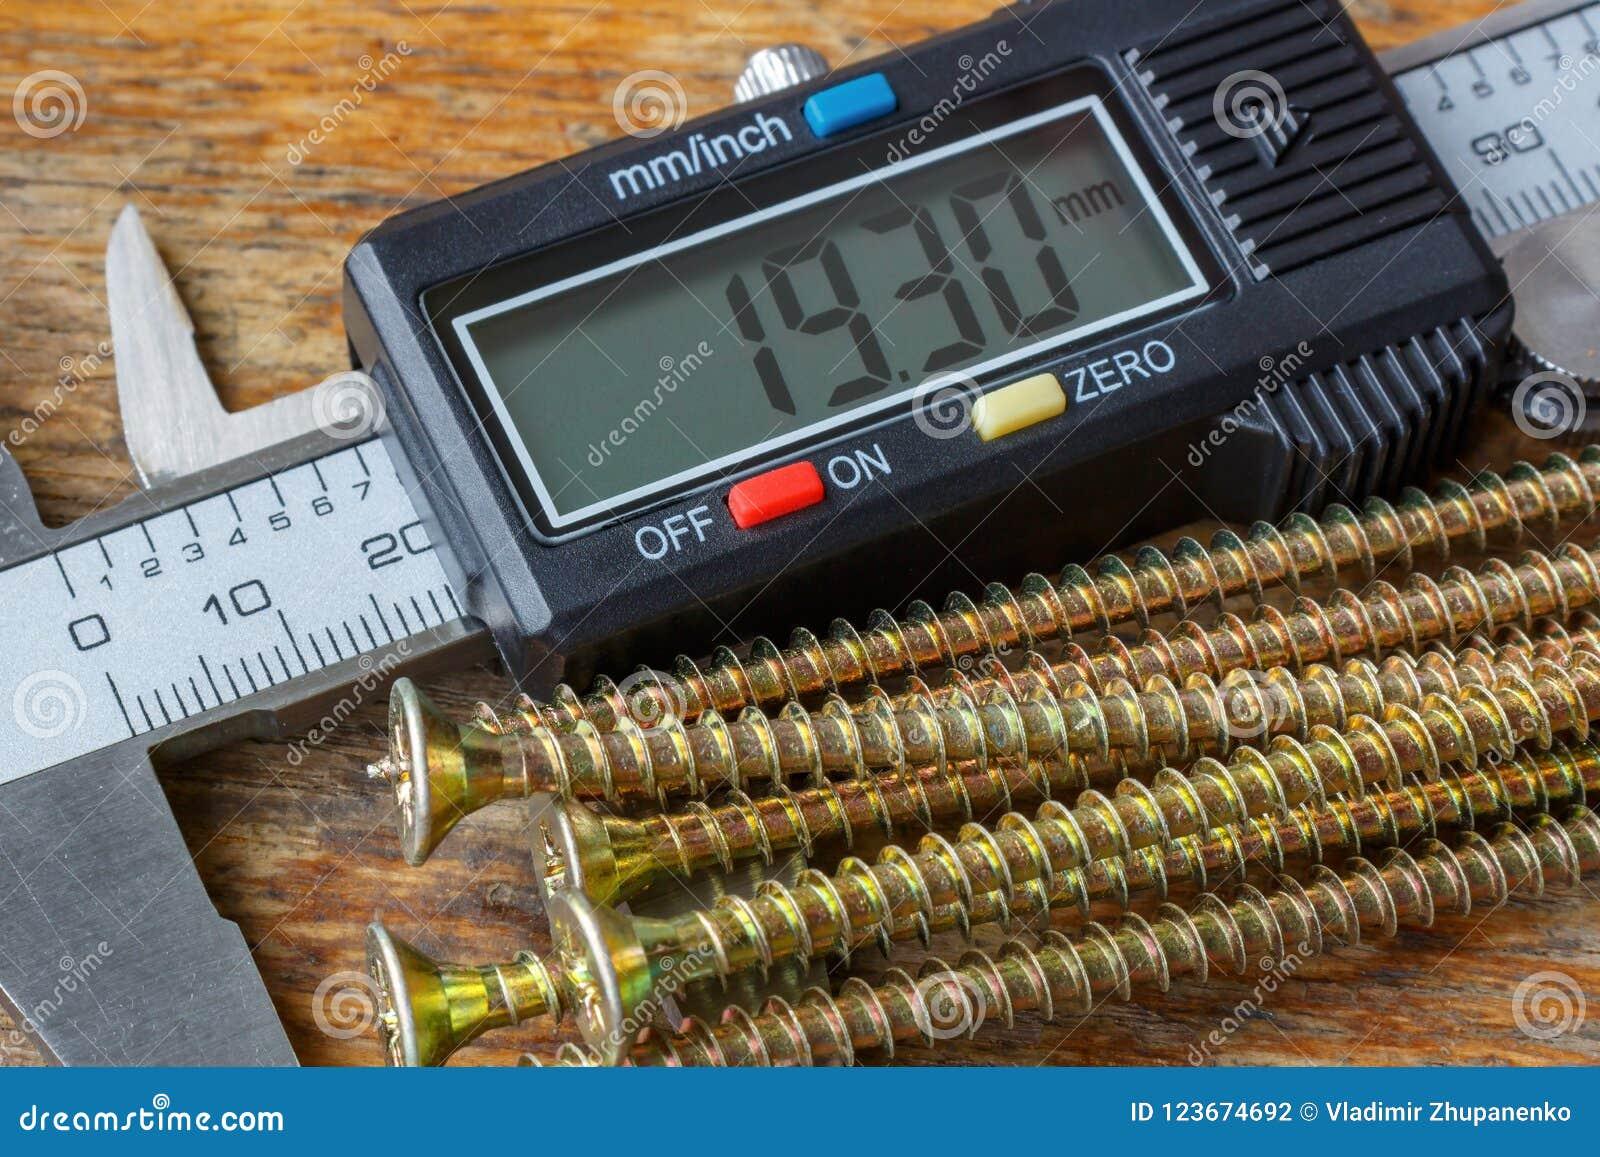 Digitale elektronische beugel met gele lange schroeven op houten lijst in workshopclose-up